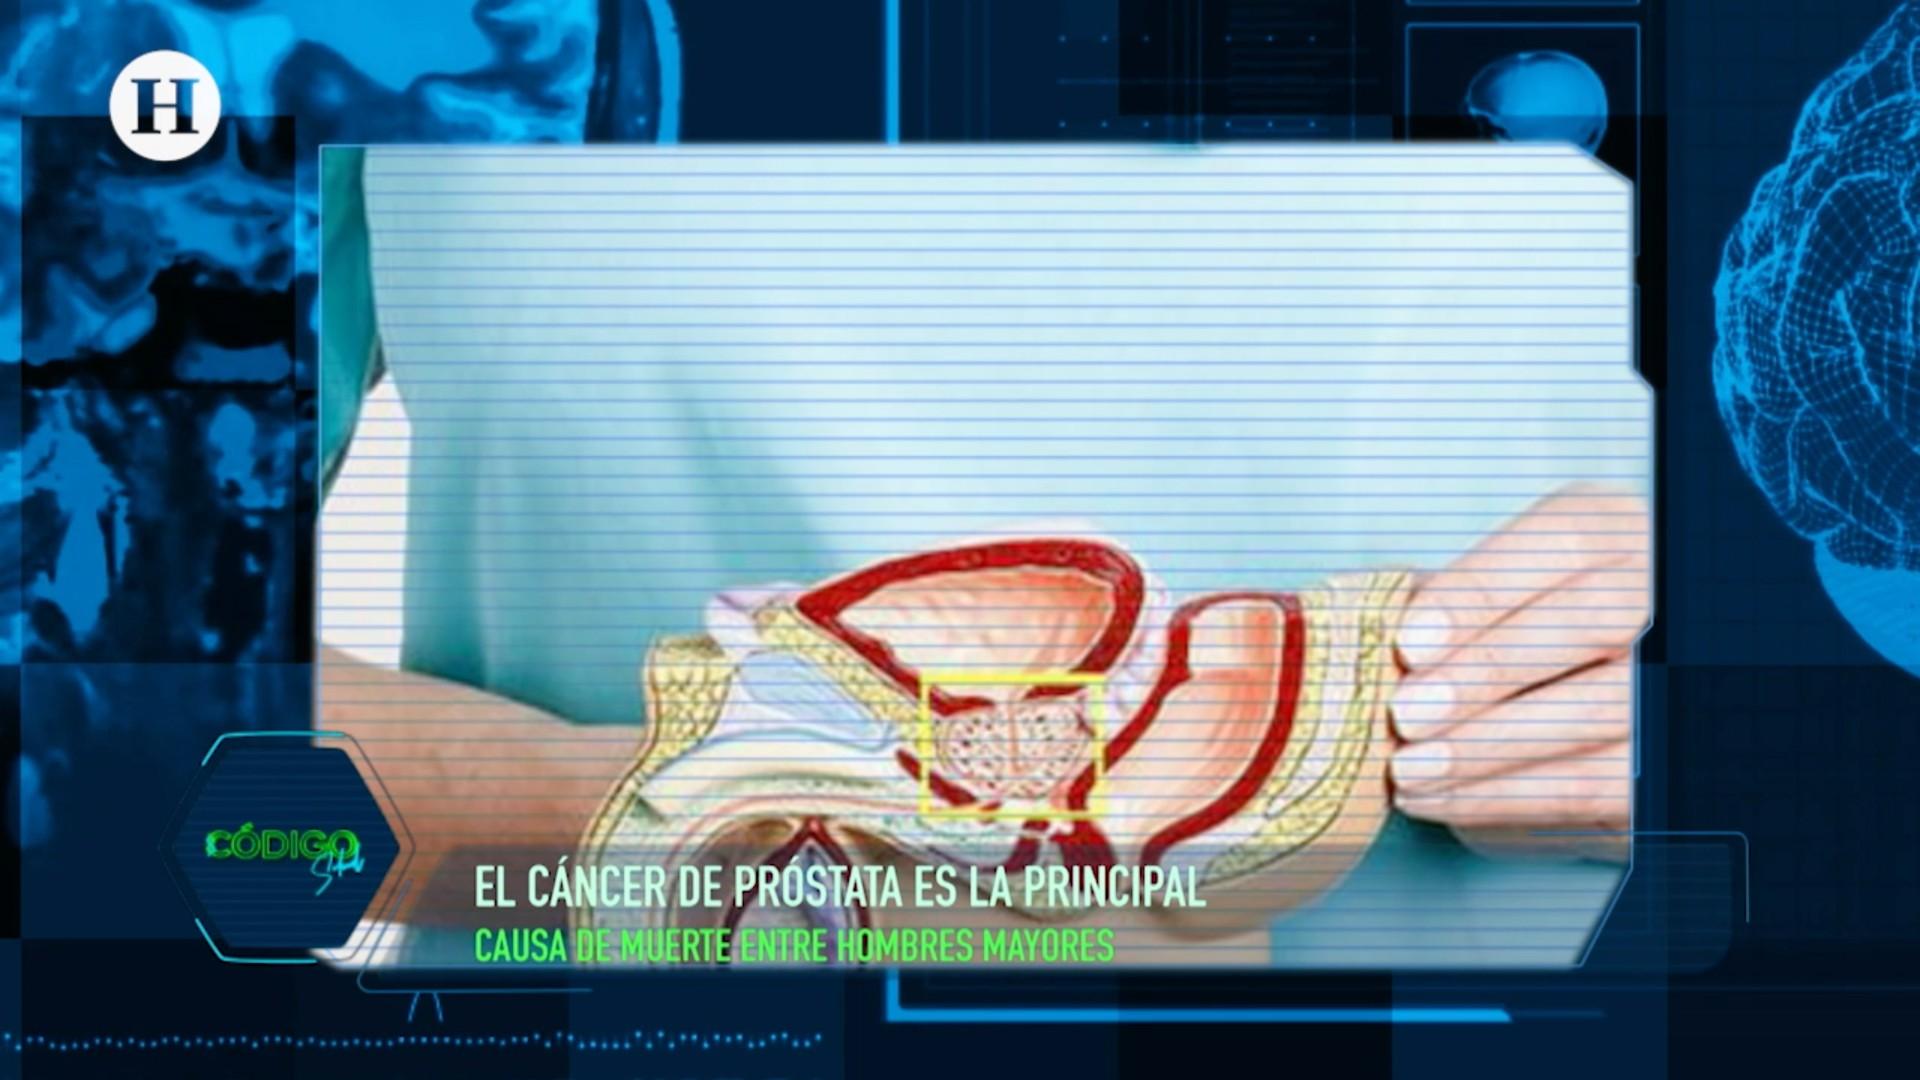 qué mutaciones causan cáncer de próstata